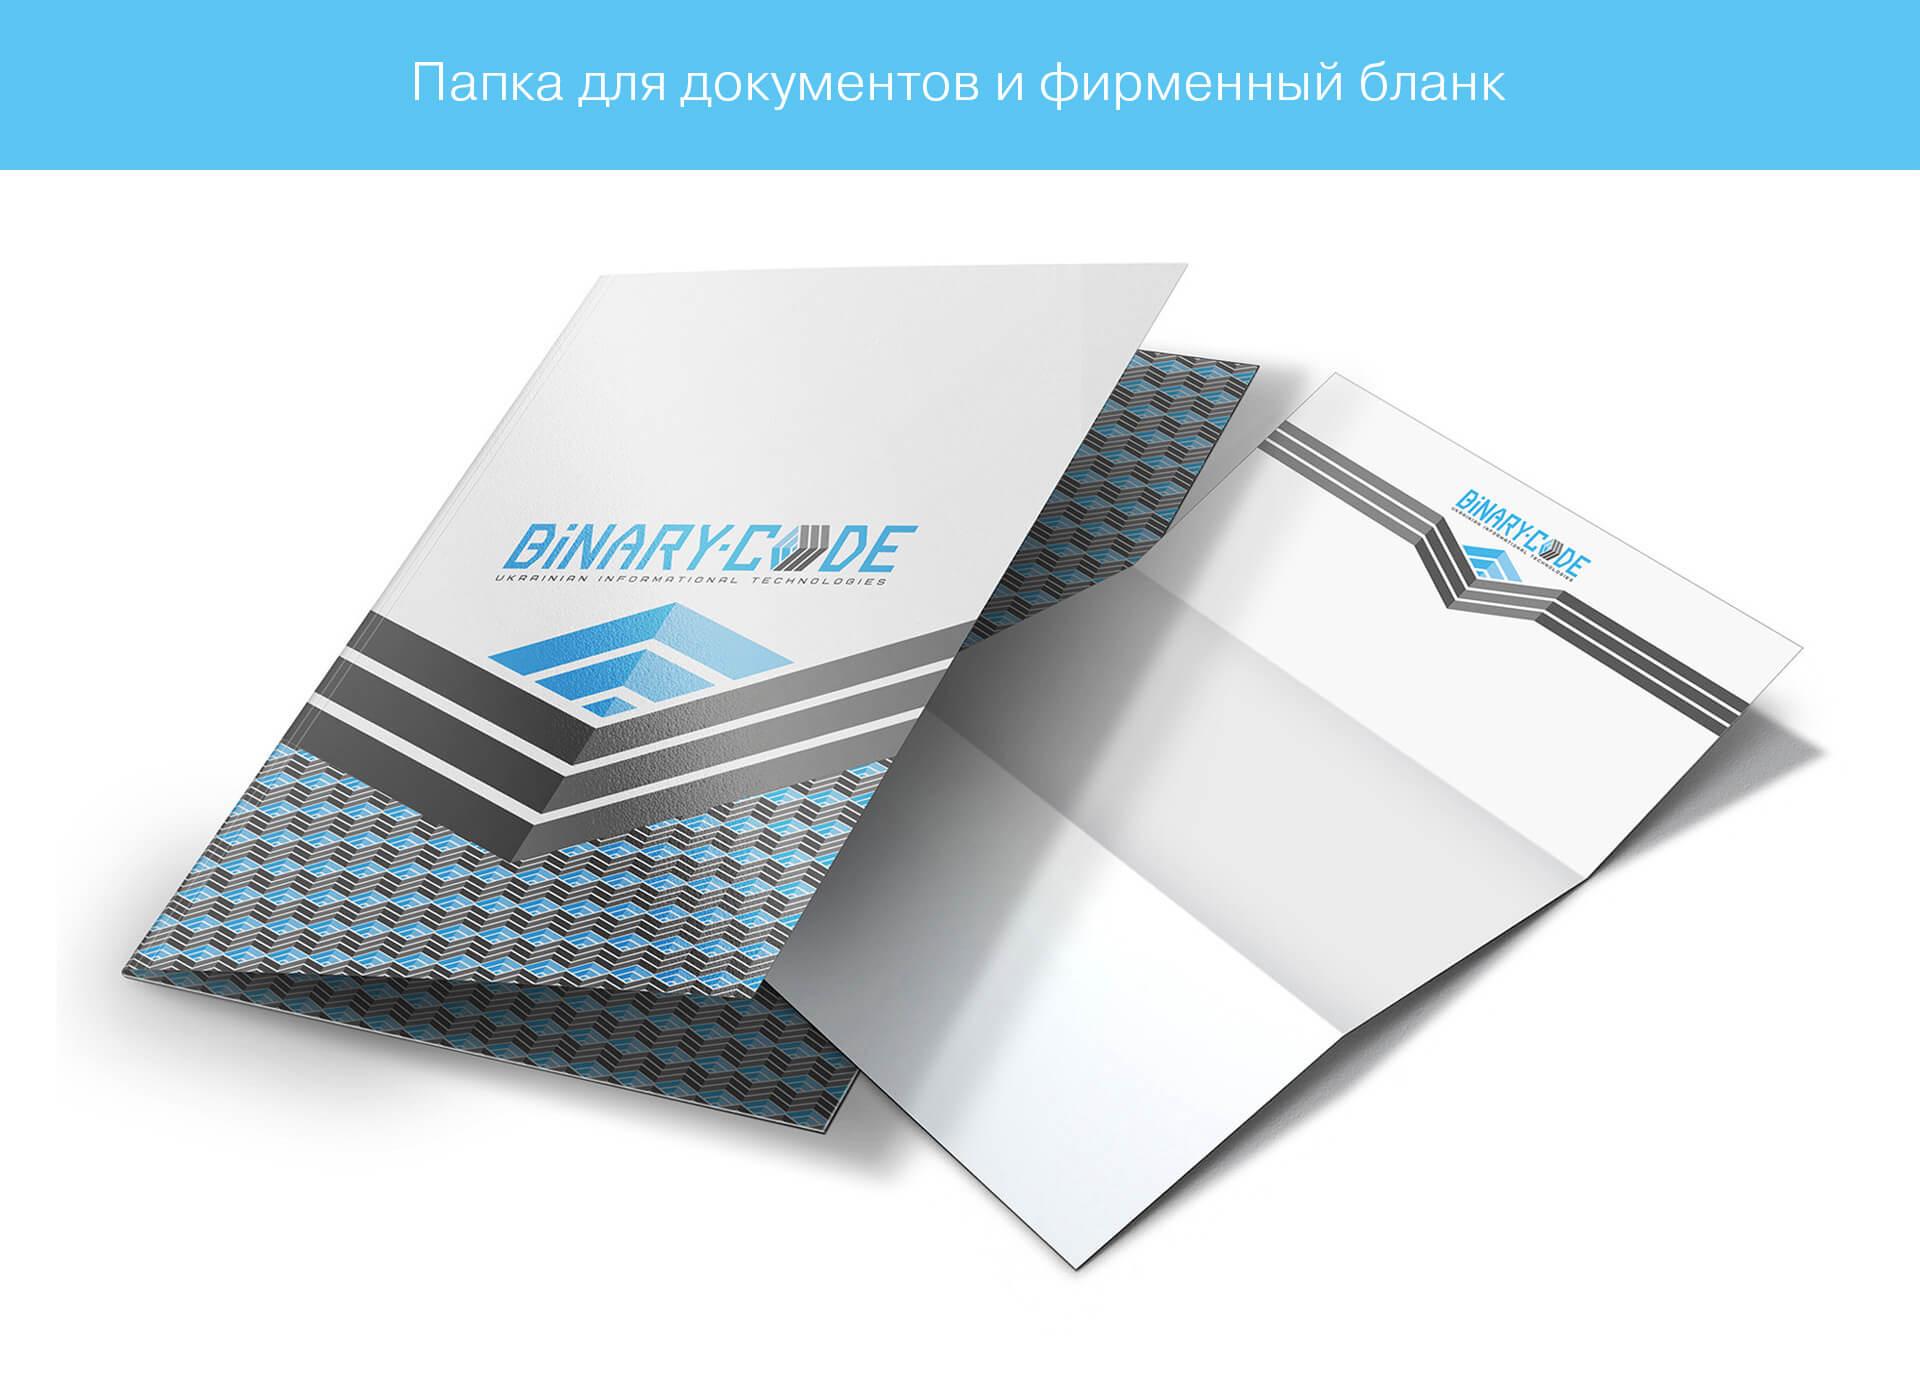 Разработка и создание папок для документов  (брендинг) от Fantastic Imago брендиногове рекламное агентство